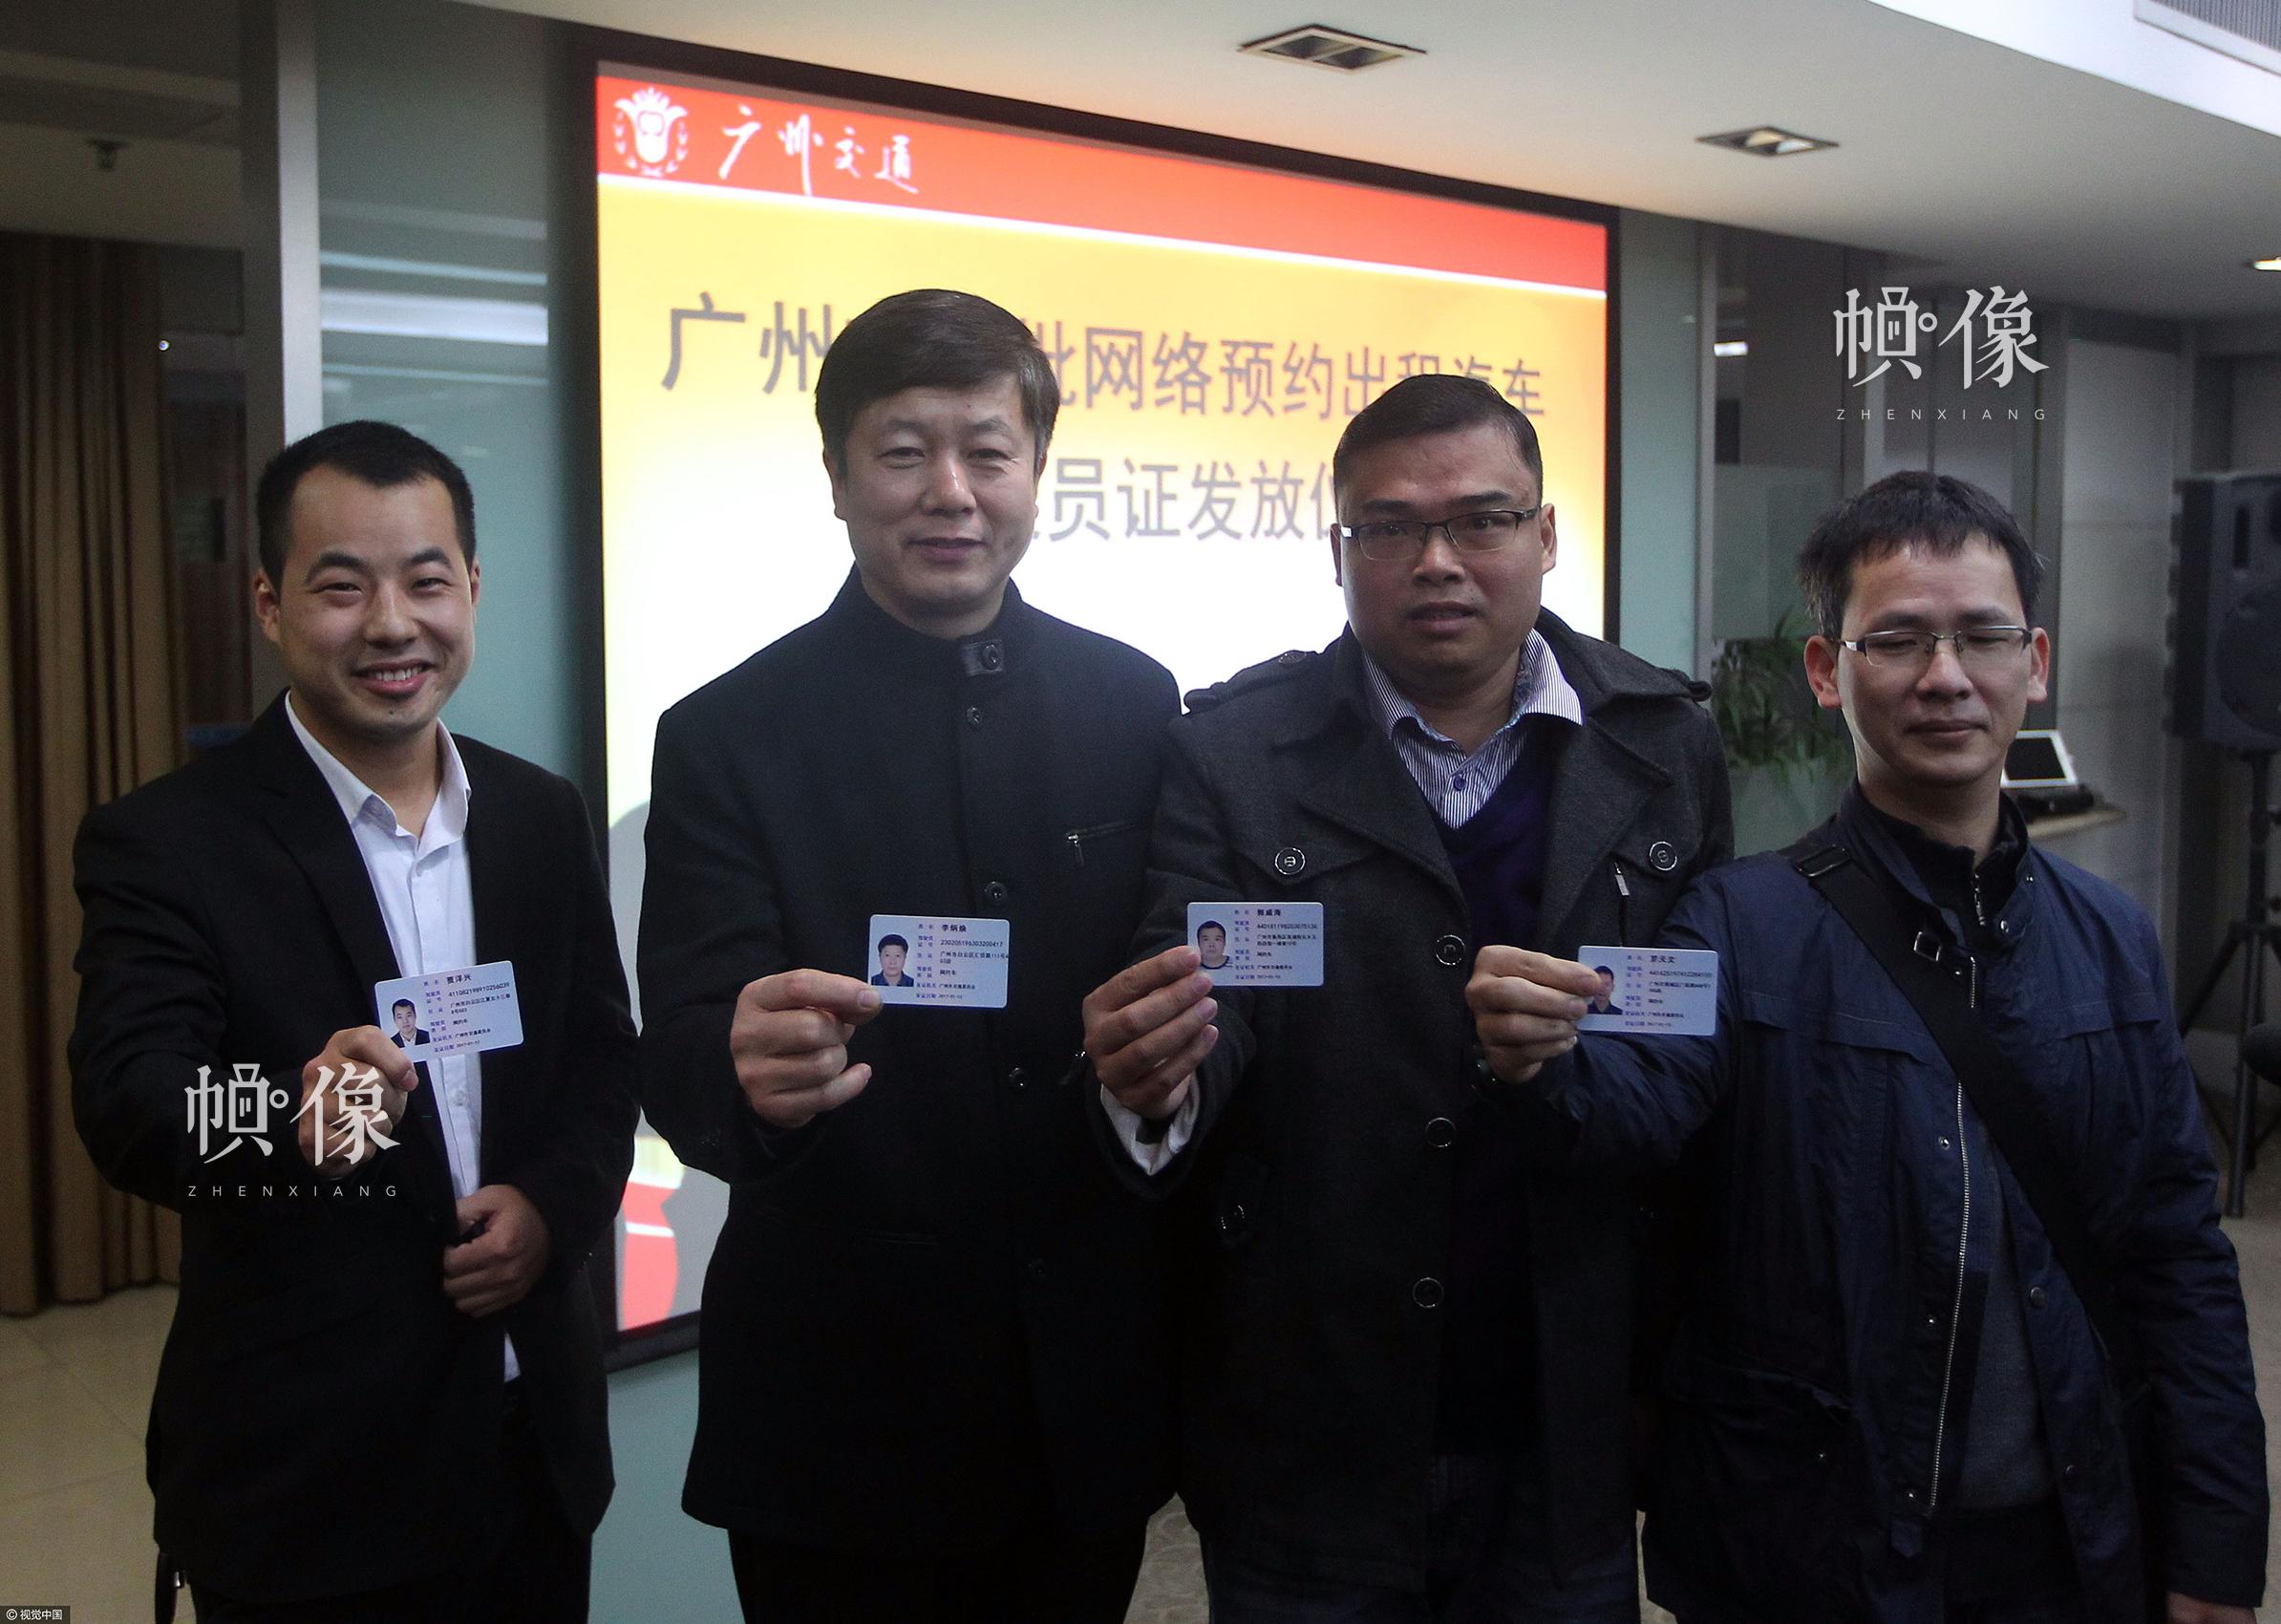 2017年1月17日,广州。到场领取证件的驾驶员合影。马强/视觉中国